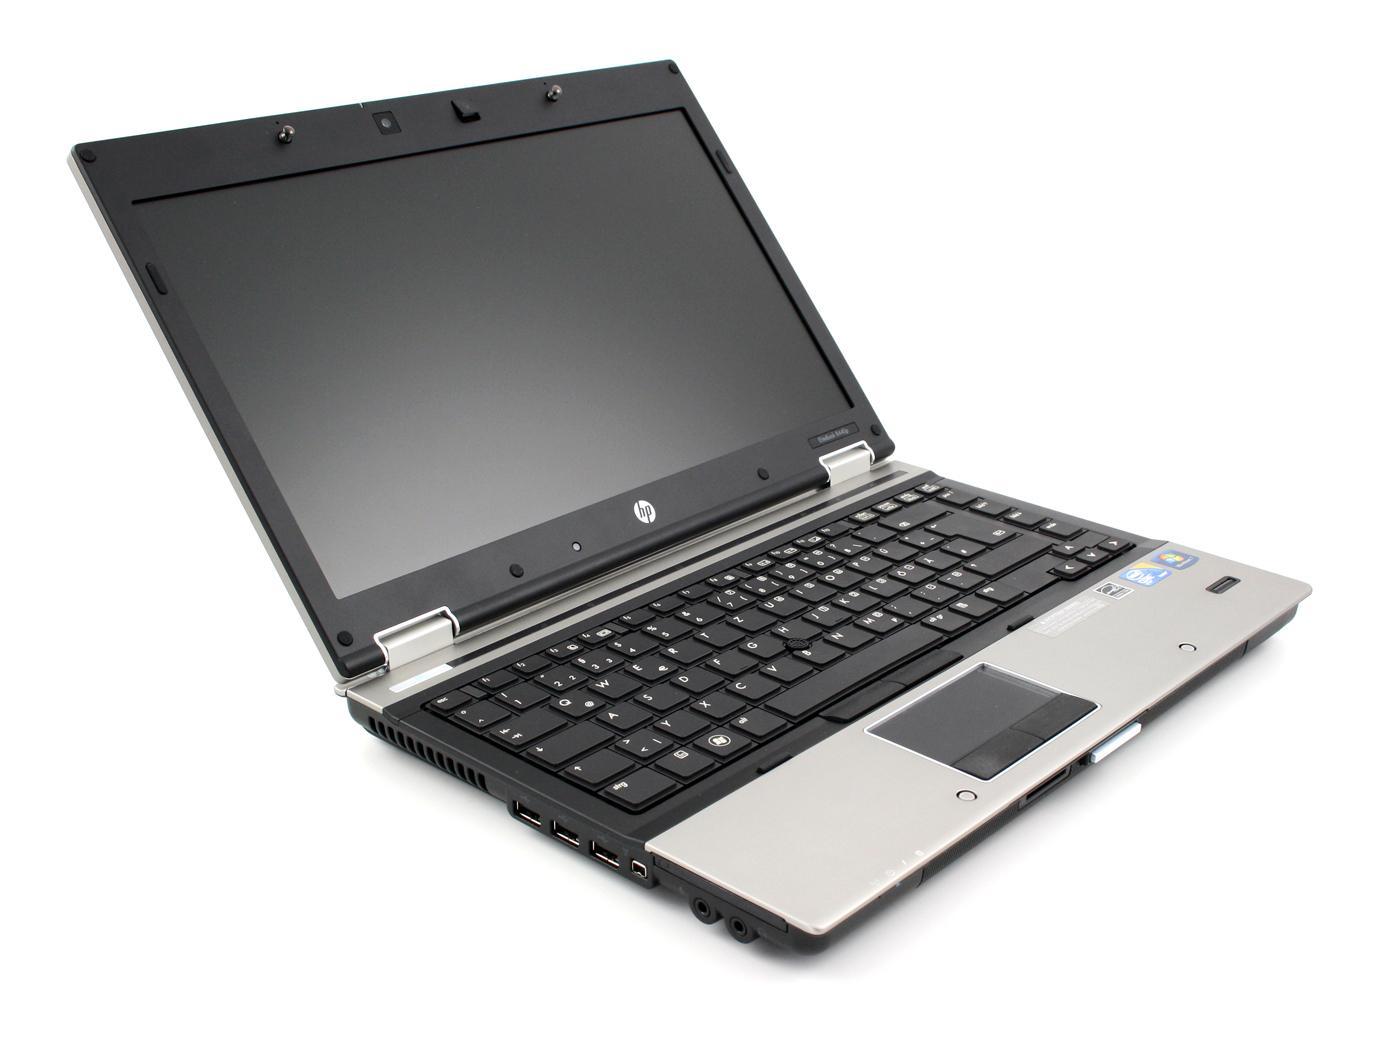 Hình ảnh Laptop core i5 hàng nhập khẩu